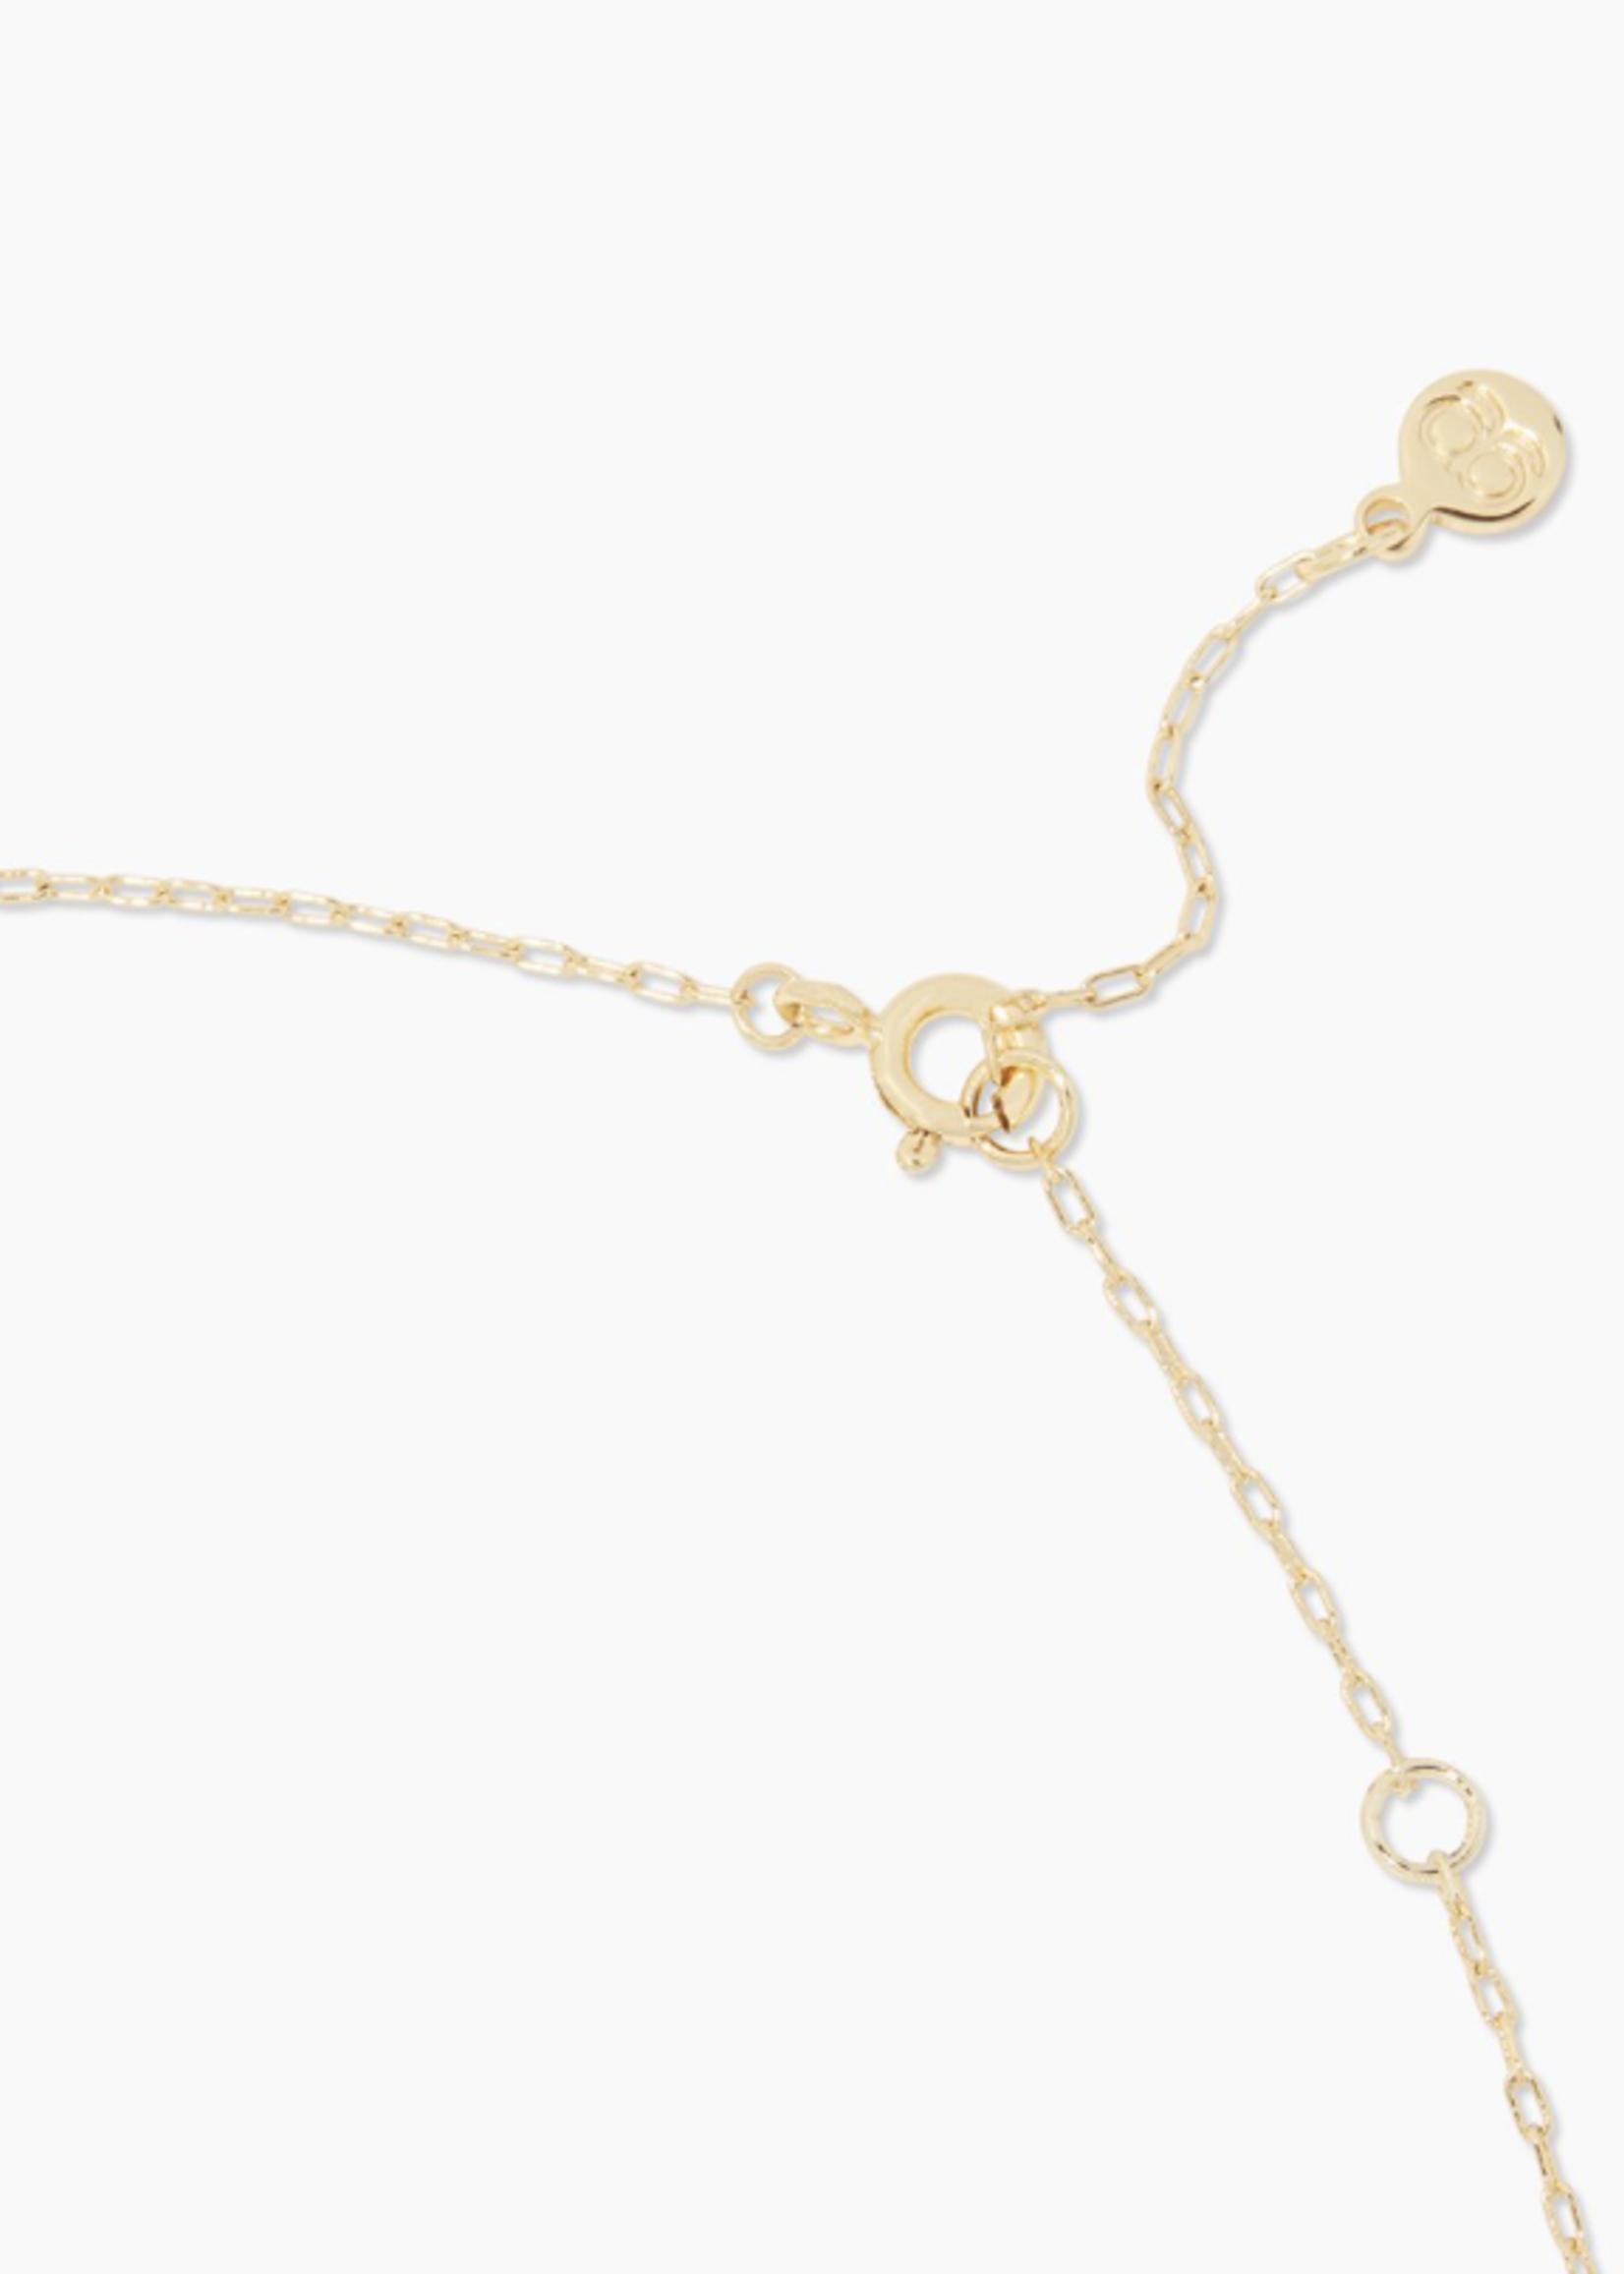 Gorjana Gorjana Butterfly Necklace